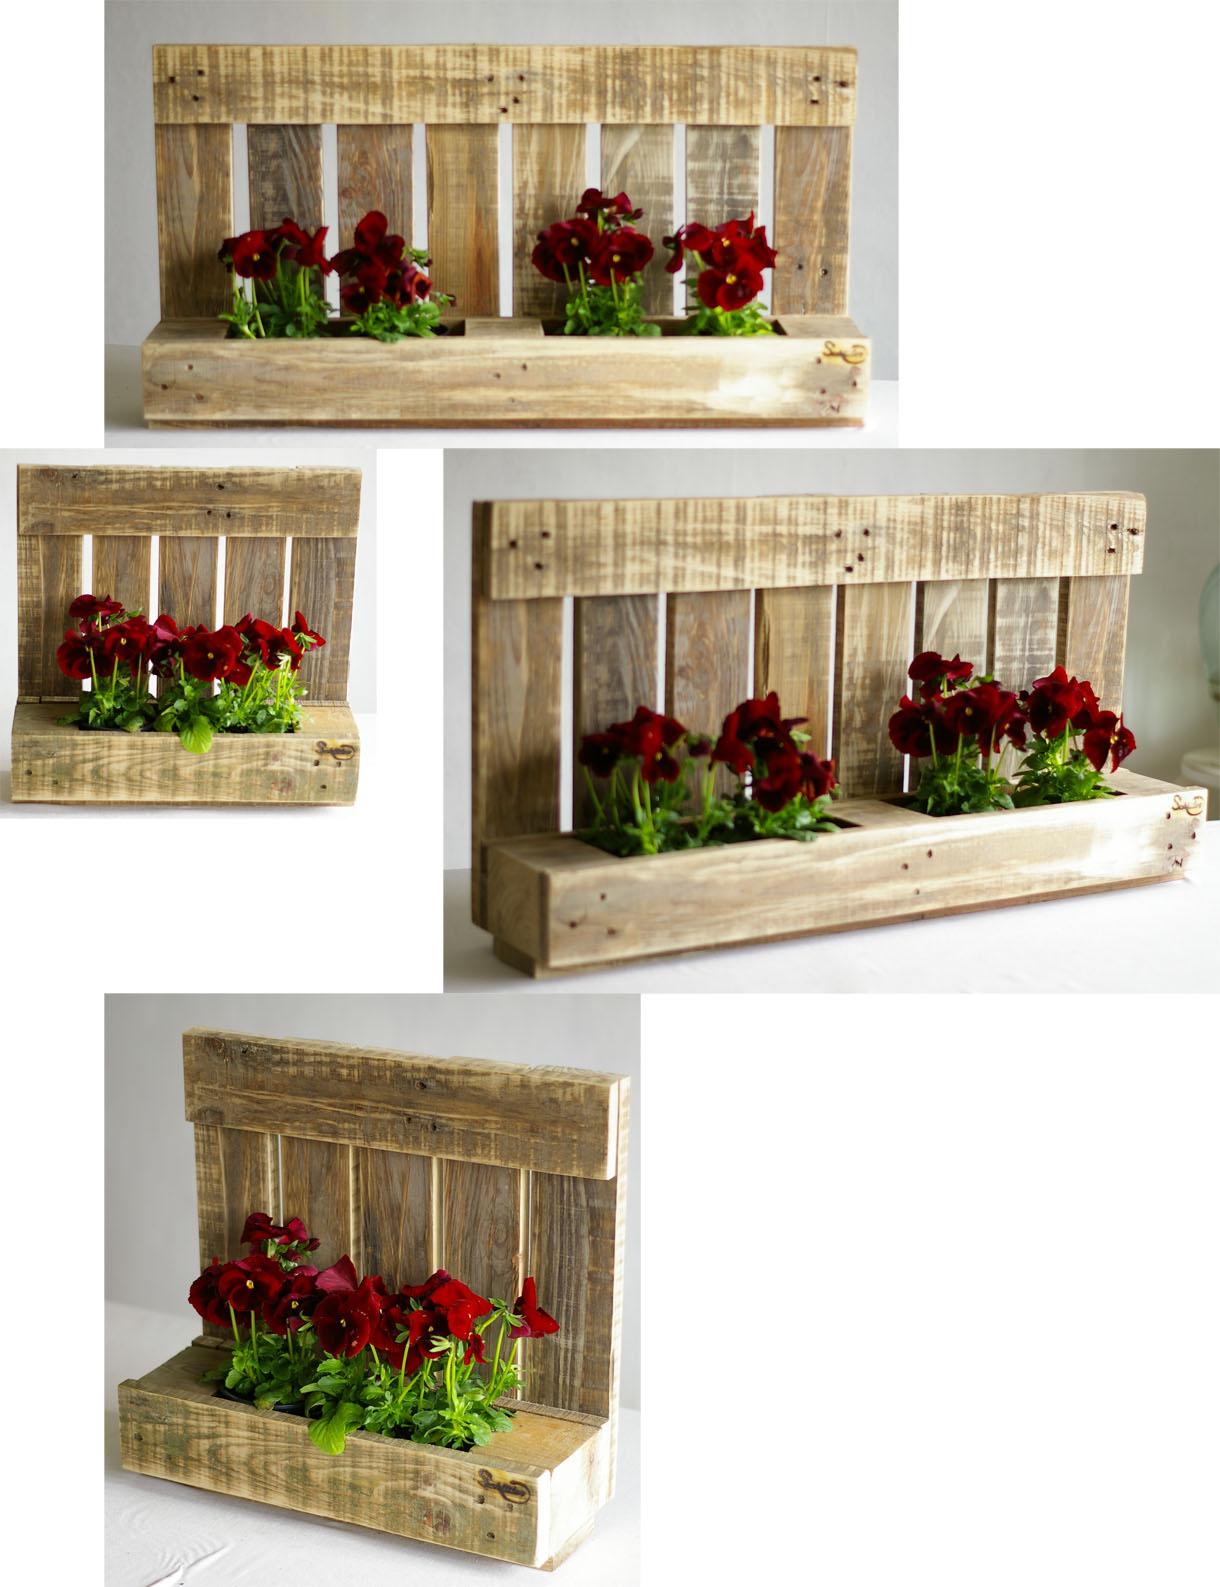 balkonkästen aus palettenholz, mauerpflanzen und ein spaziergang in